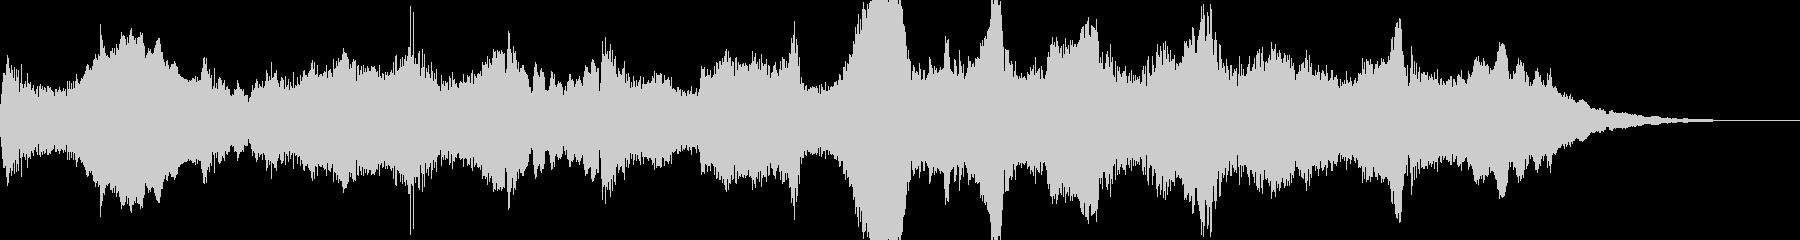 チェロが印象的なBGMの未再生の波形